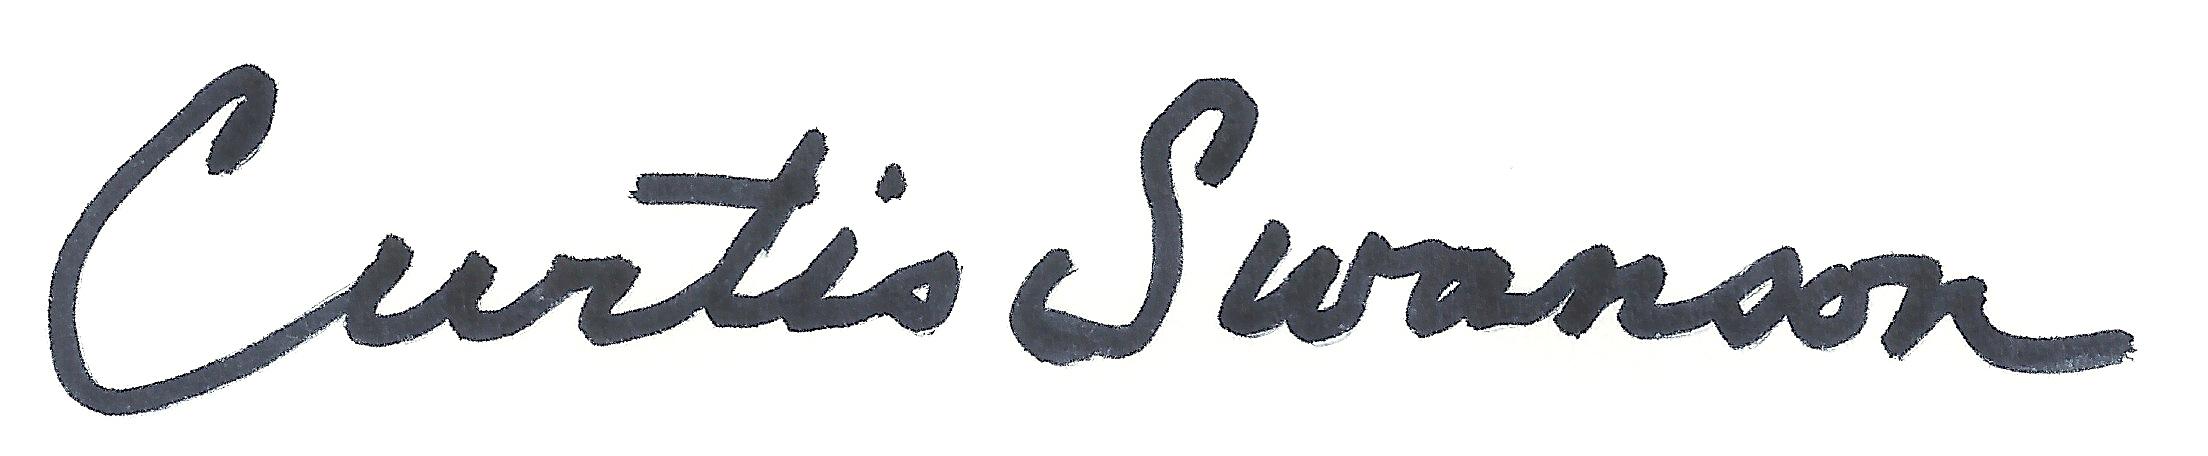 Curtis Swanson's Signature